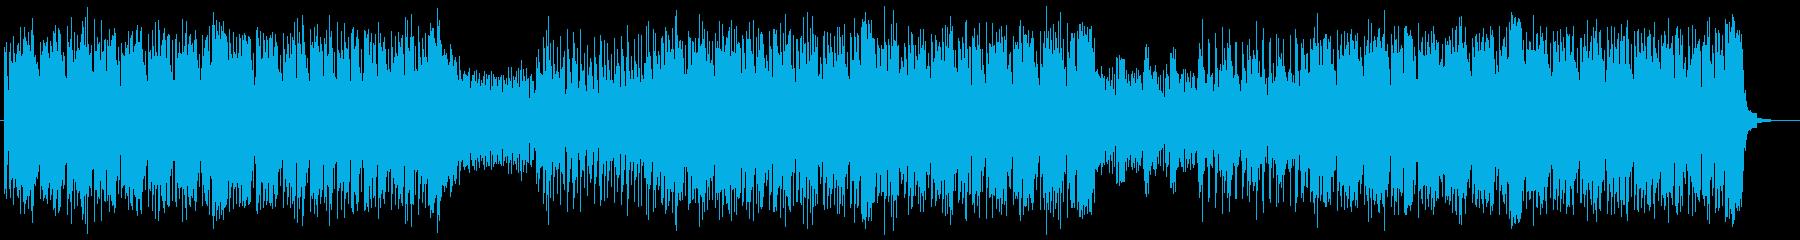 躍動感ある激しいロックの再生済みの波形